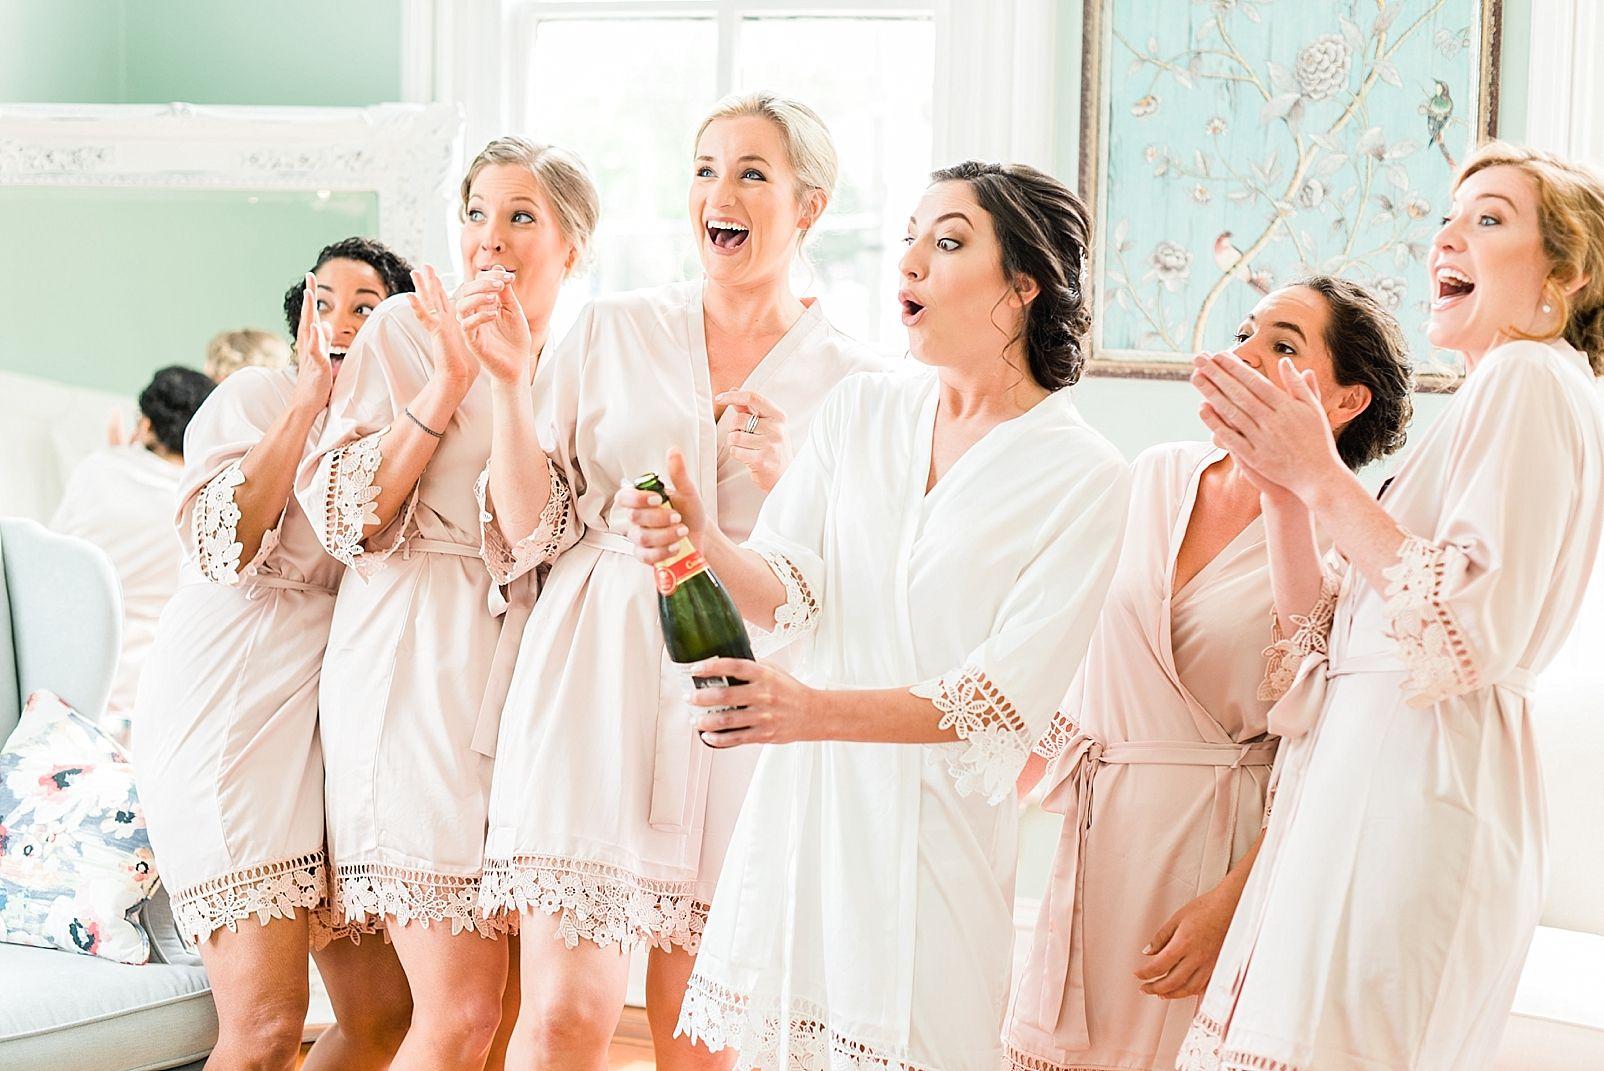 Merrimon Wynne Weddings • Raleigh Photography Wedding